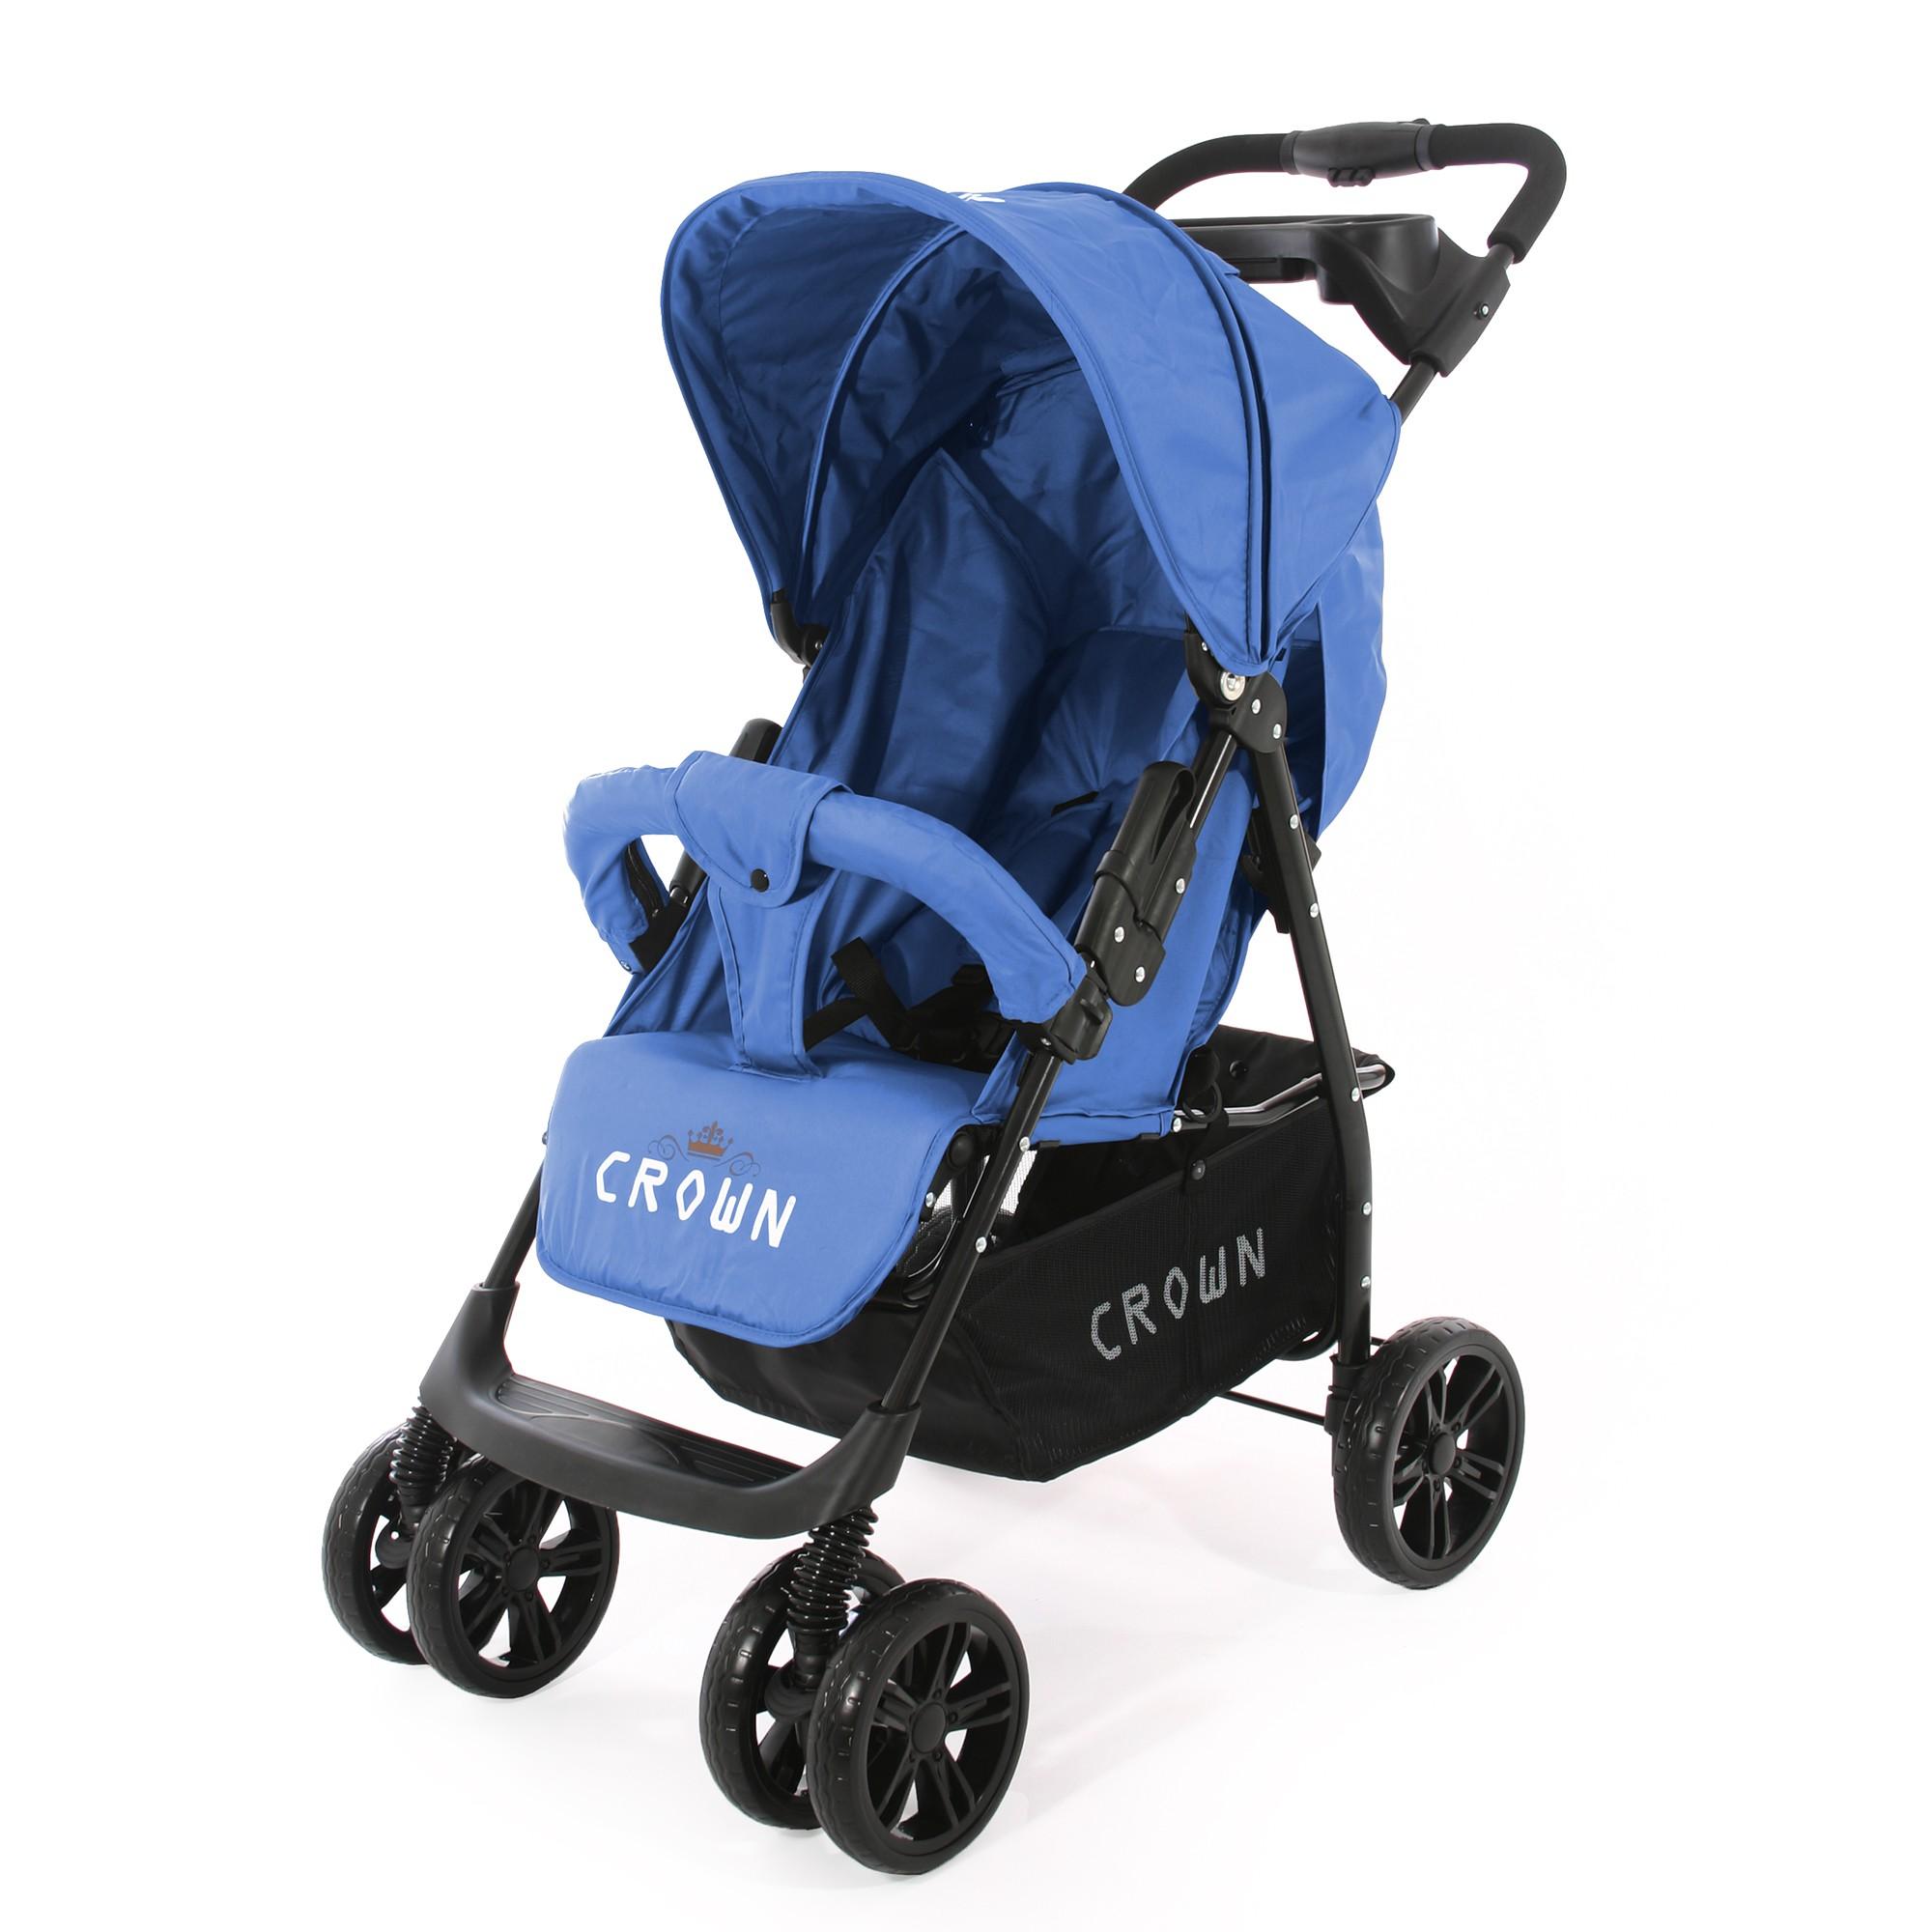 CROWN ST570 Kinderwagen - Sport Buggy Blau Kinderwagen Buggy